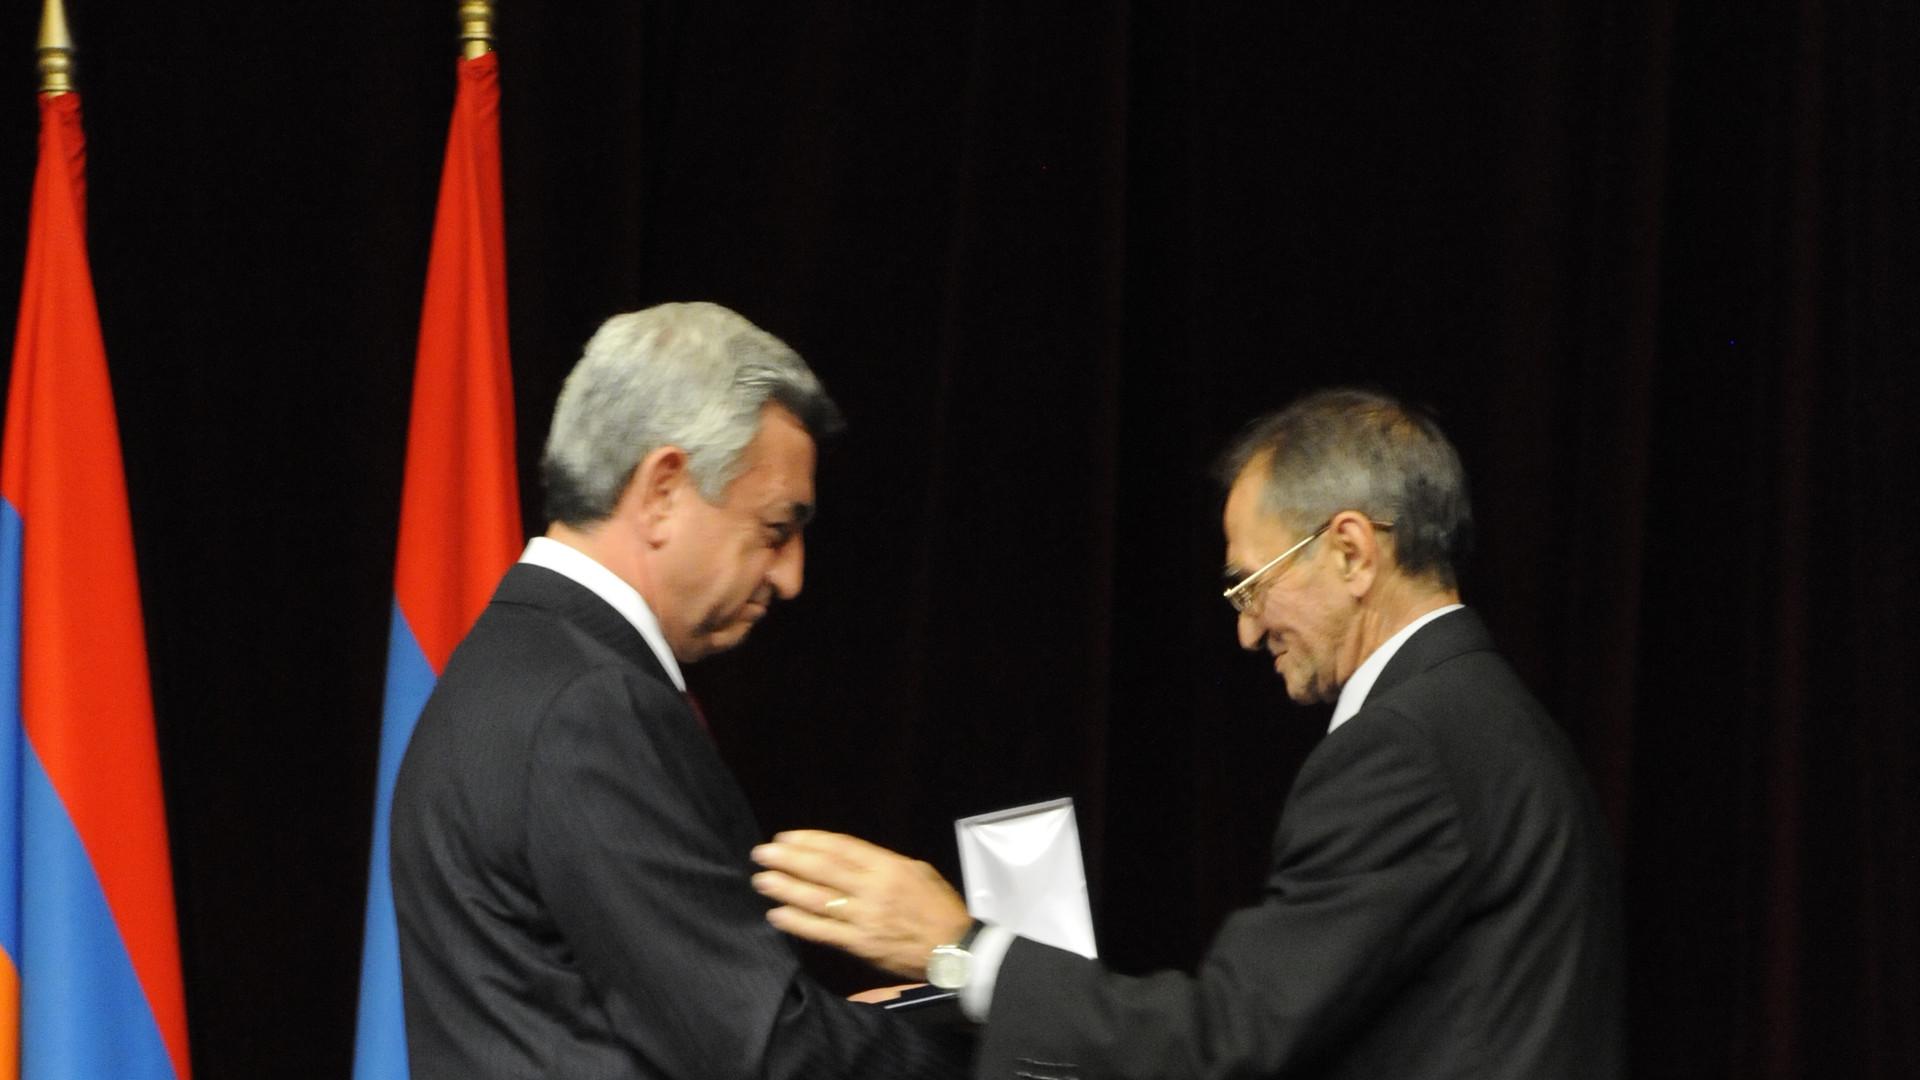 Маркаров вручение медали. Президент Армении, Маркаров